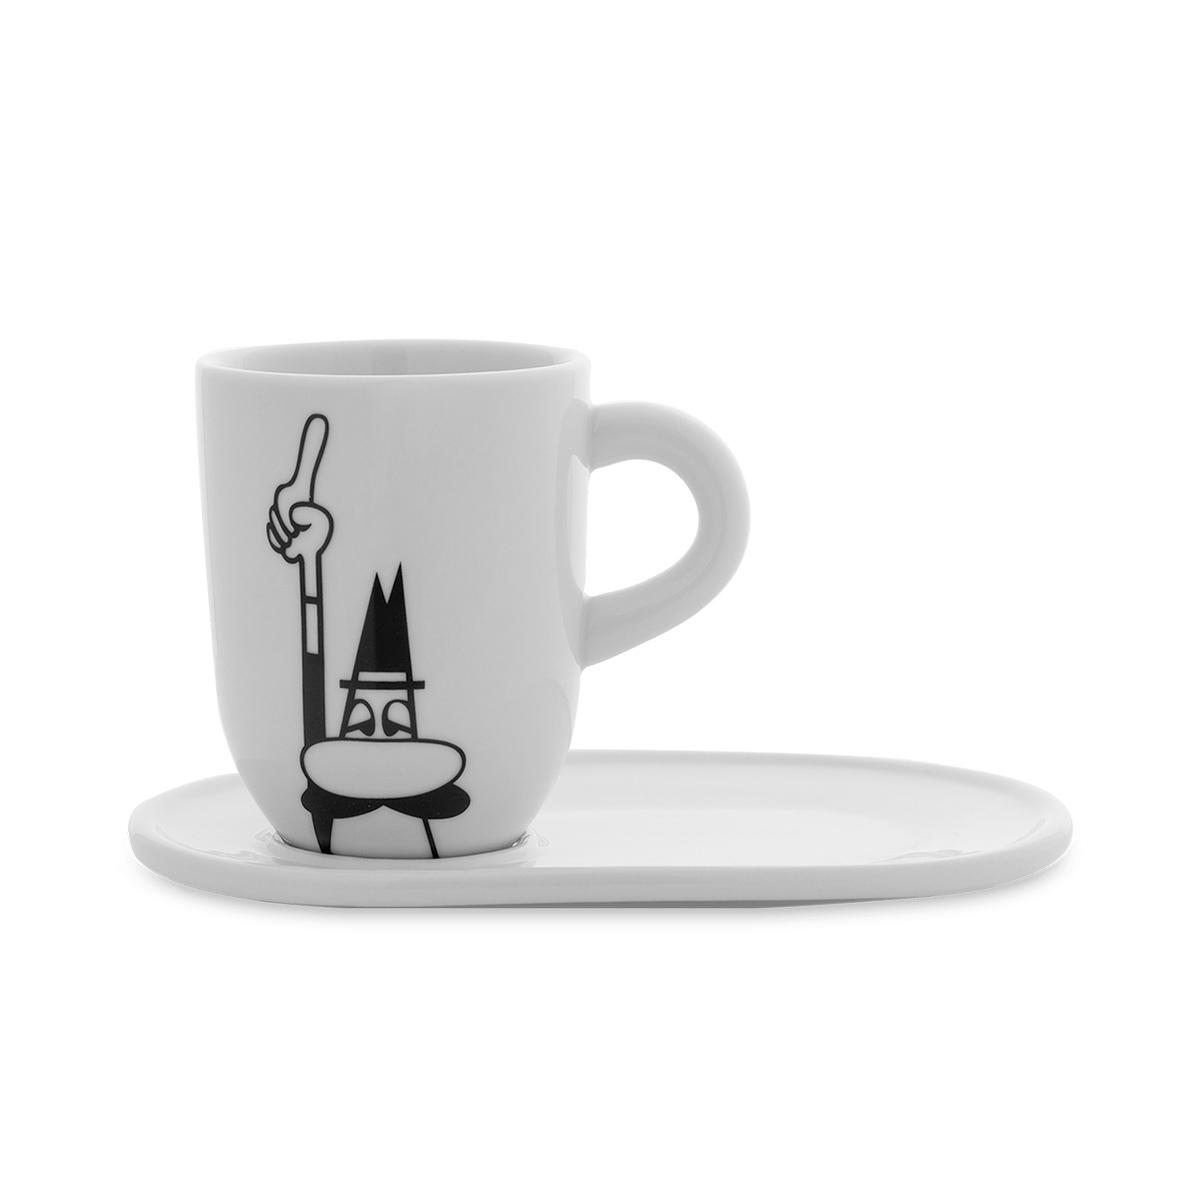 Mug de porcelana con platillo Bialetti